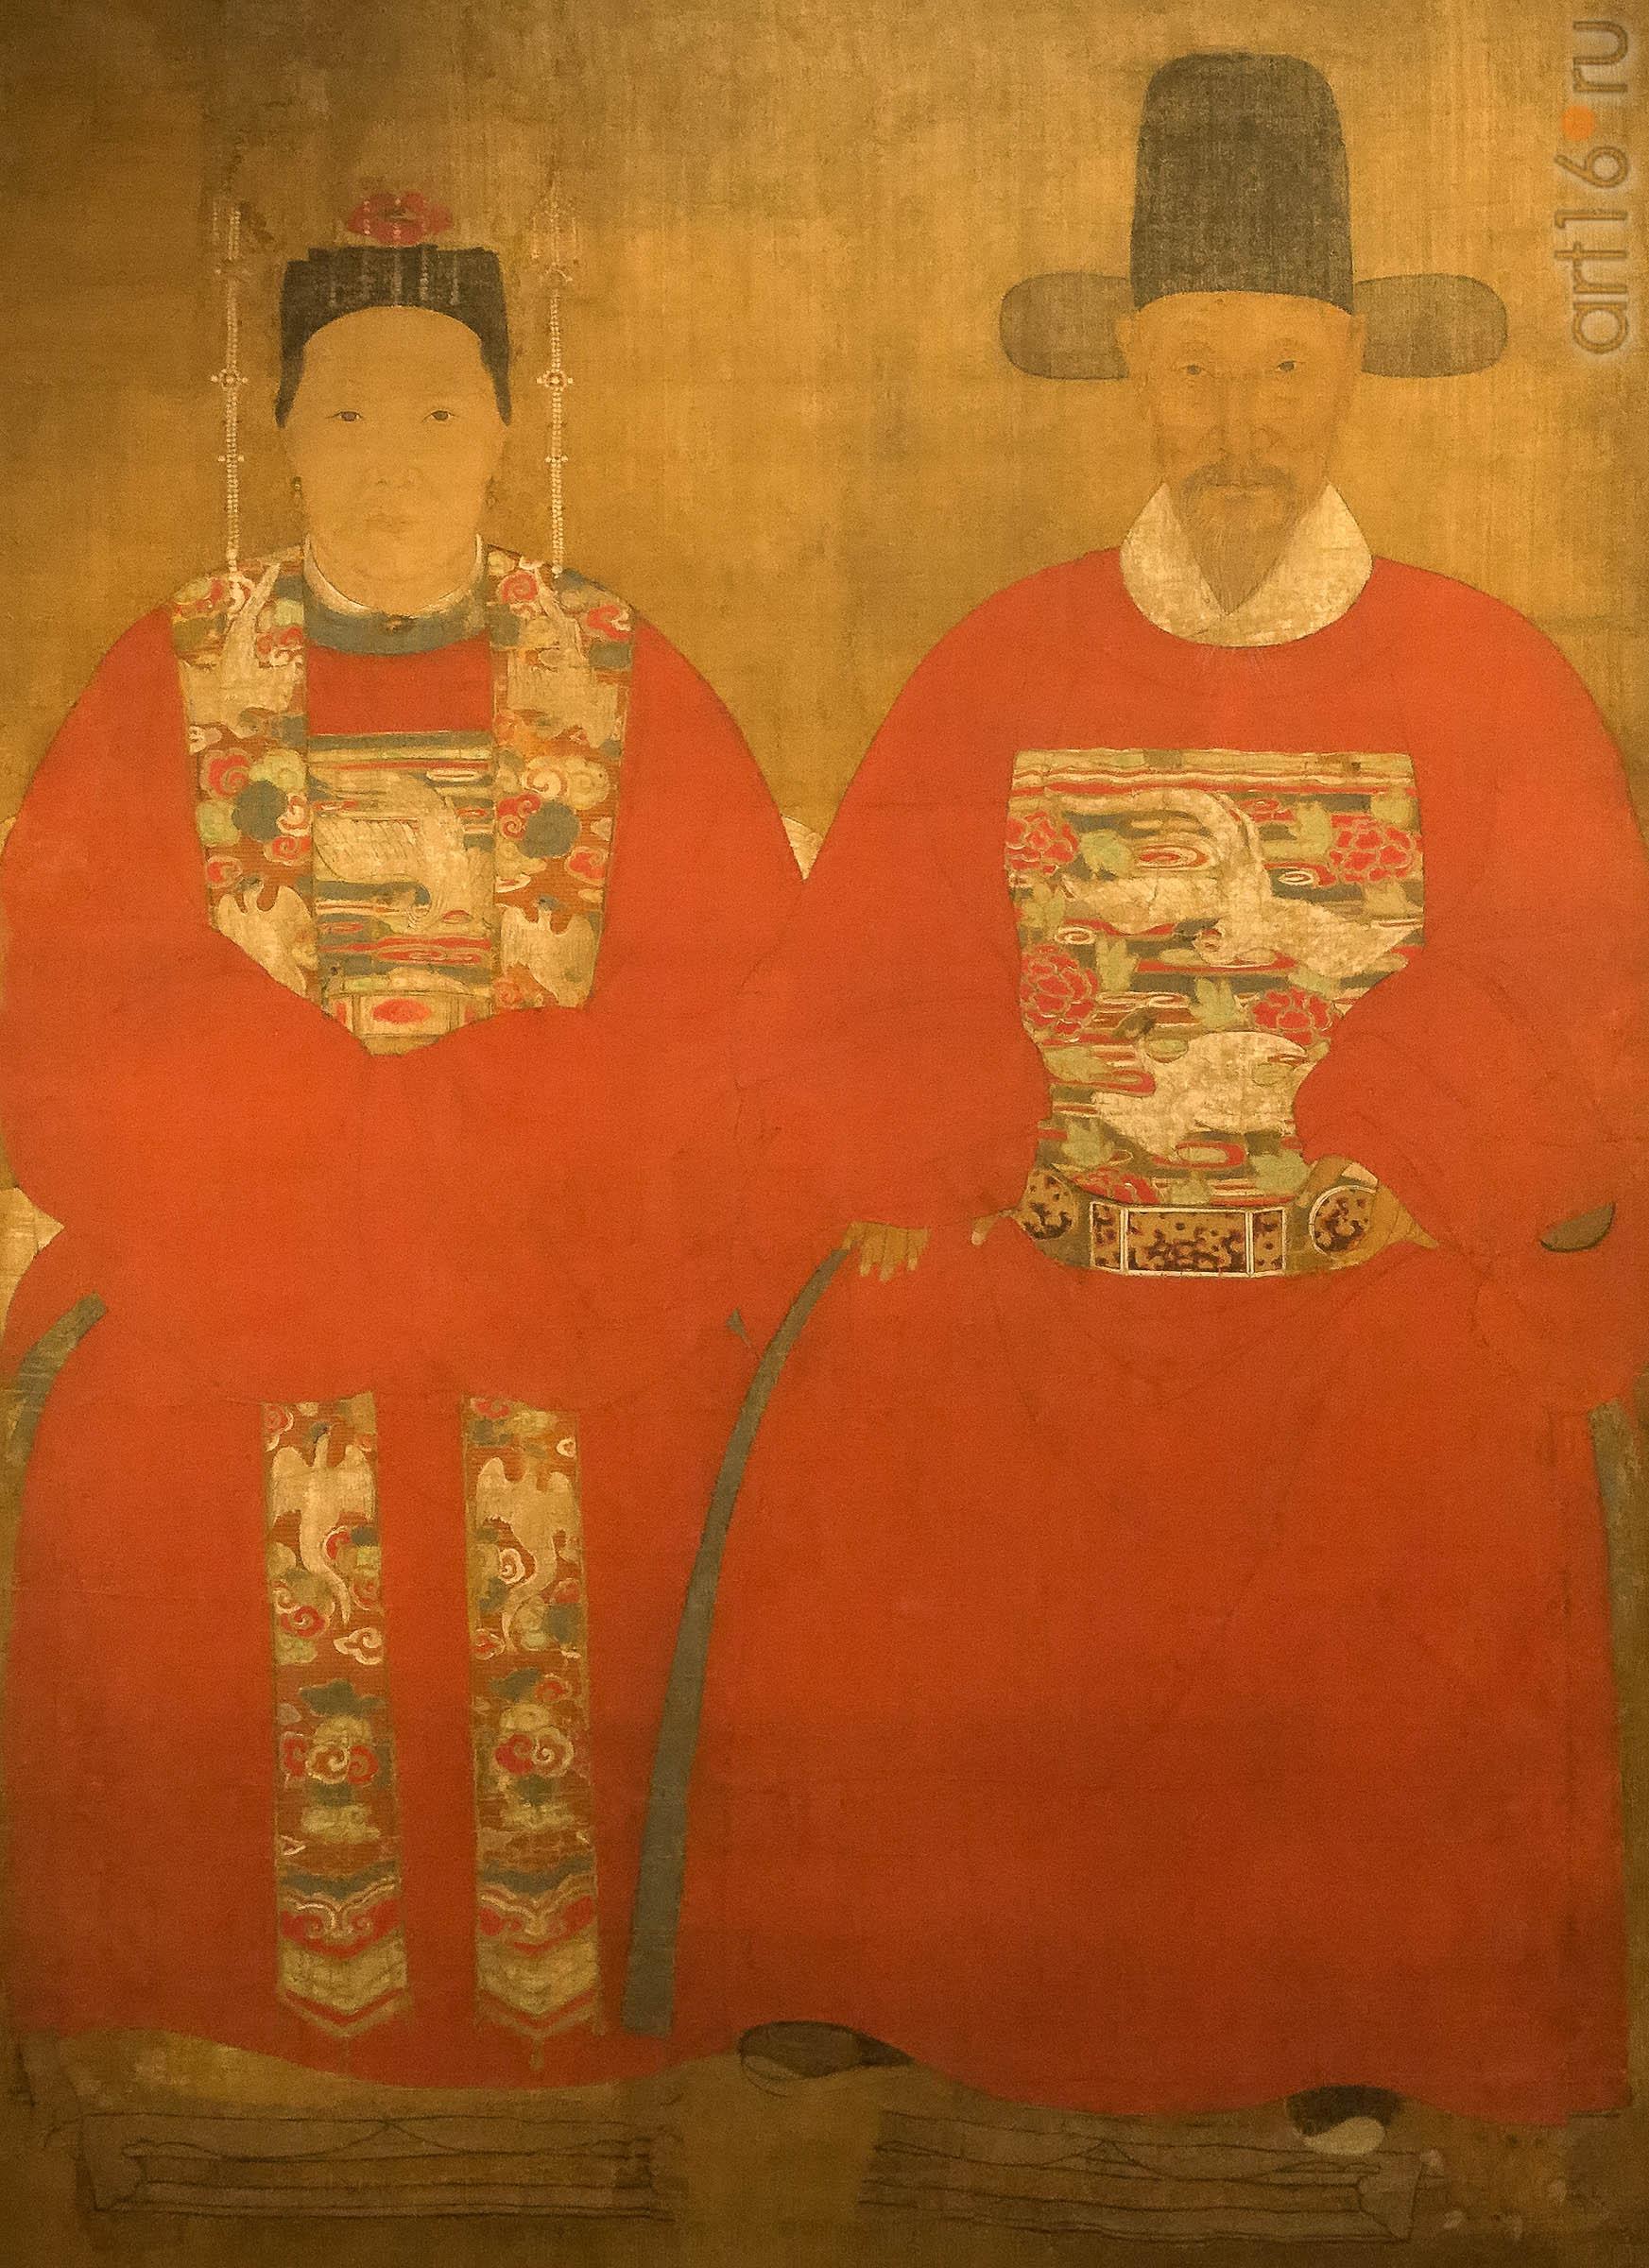 Неизвестный художник ПОРТРЕТ ЧИНОВНИКАС ЖЕНОЙ. Хатыны белэн тура портреты. Шелк, тушь, краски Китай XVI-XVII вв. Кат. N* 144::Искусство портрета